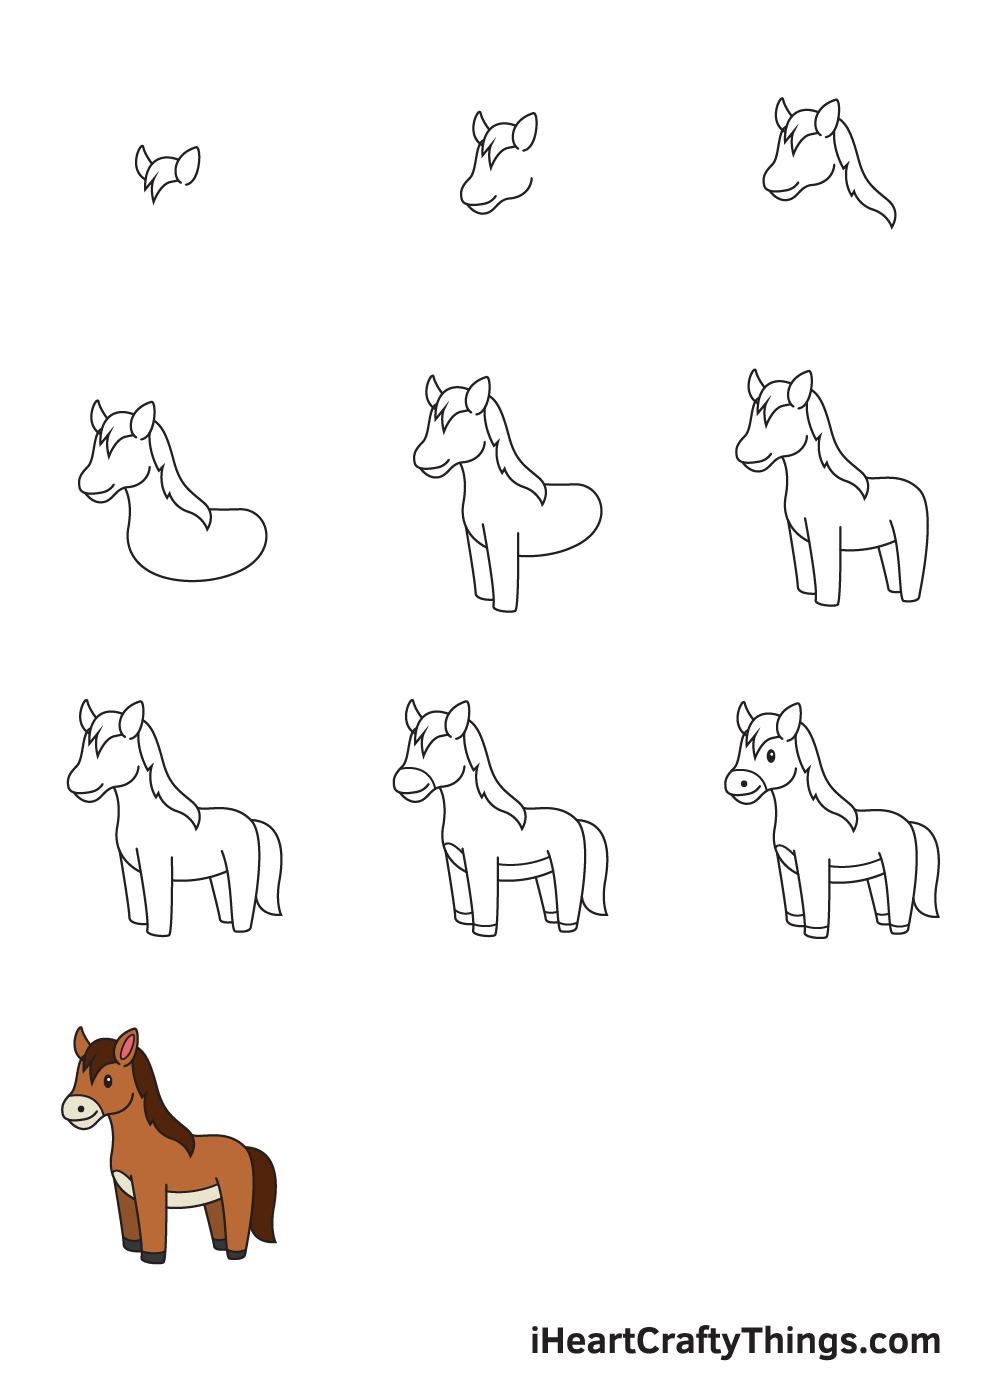 vẽ một con ngựa trong 9 bước